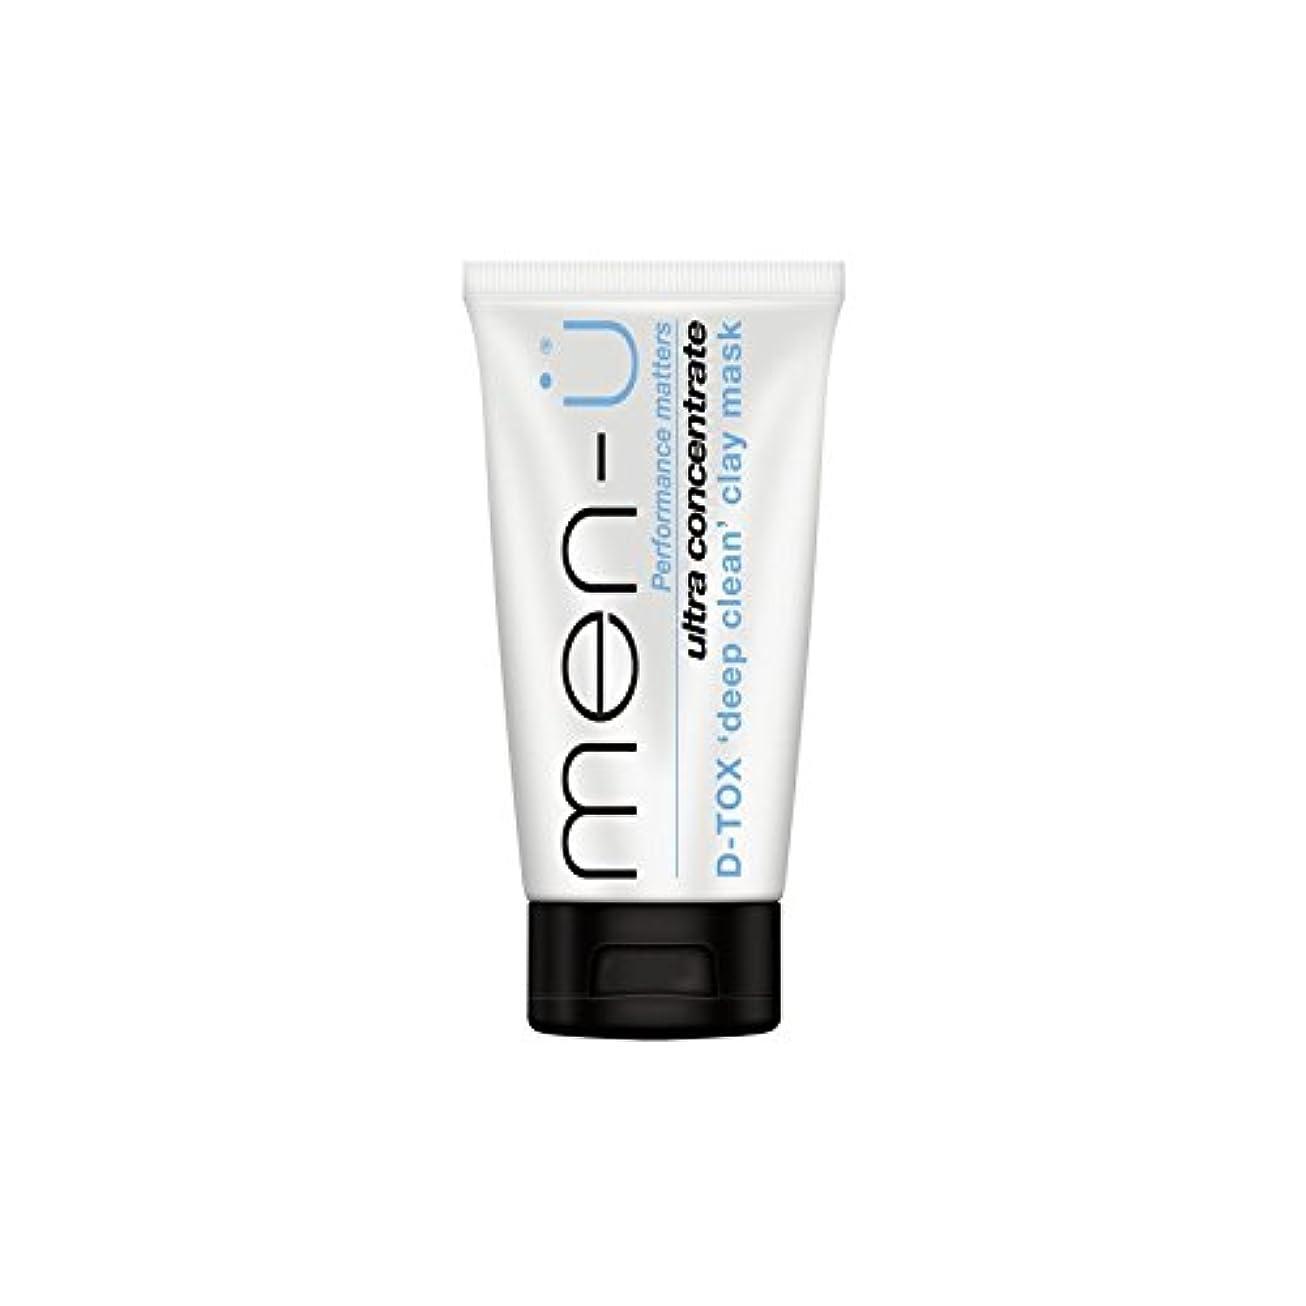 変化するかみそり落胆するMen-? D-Tox Deep Clean Clay Mask (100ml) (Pack of 6) - 男性- -深いクリーンクレイマスク(100ミリリットル) x6 [並行輸入品]